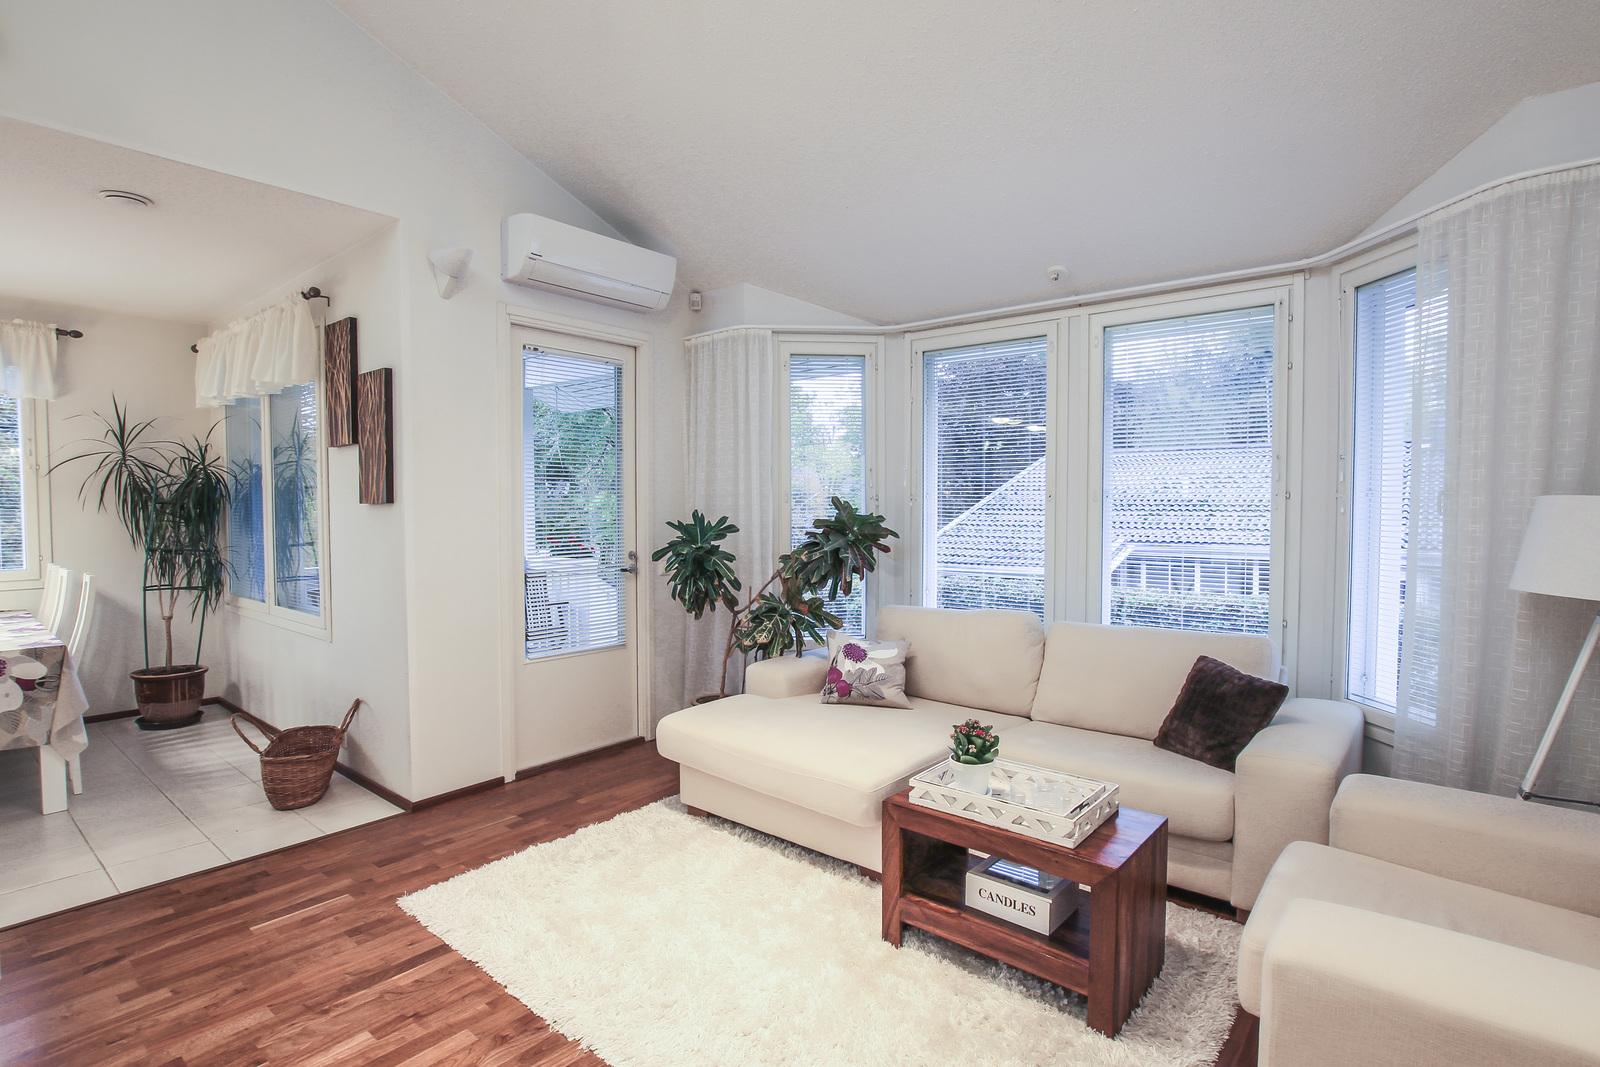 olohuone ja käynti terassin kautta pihalle